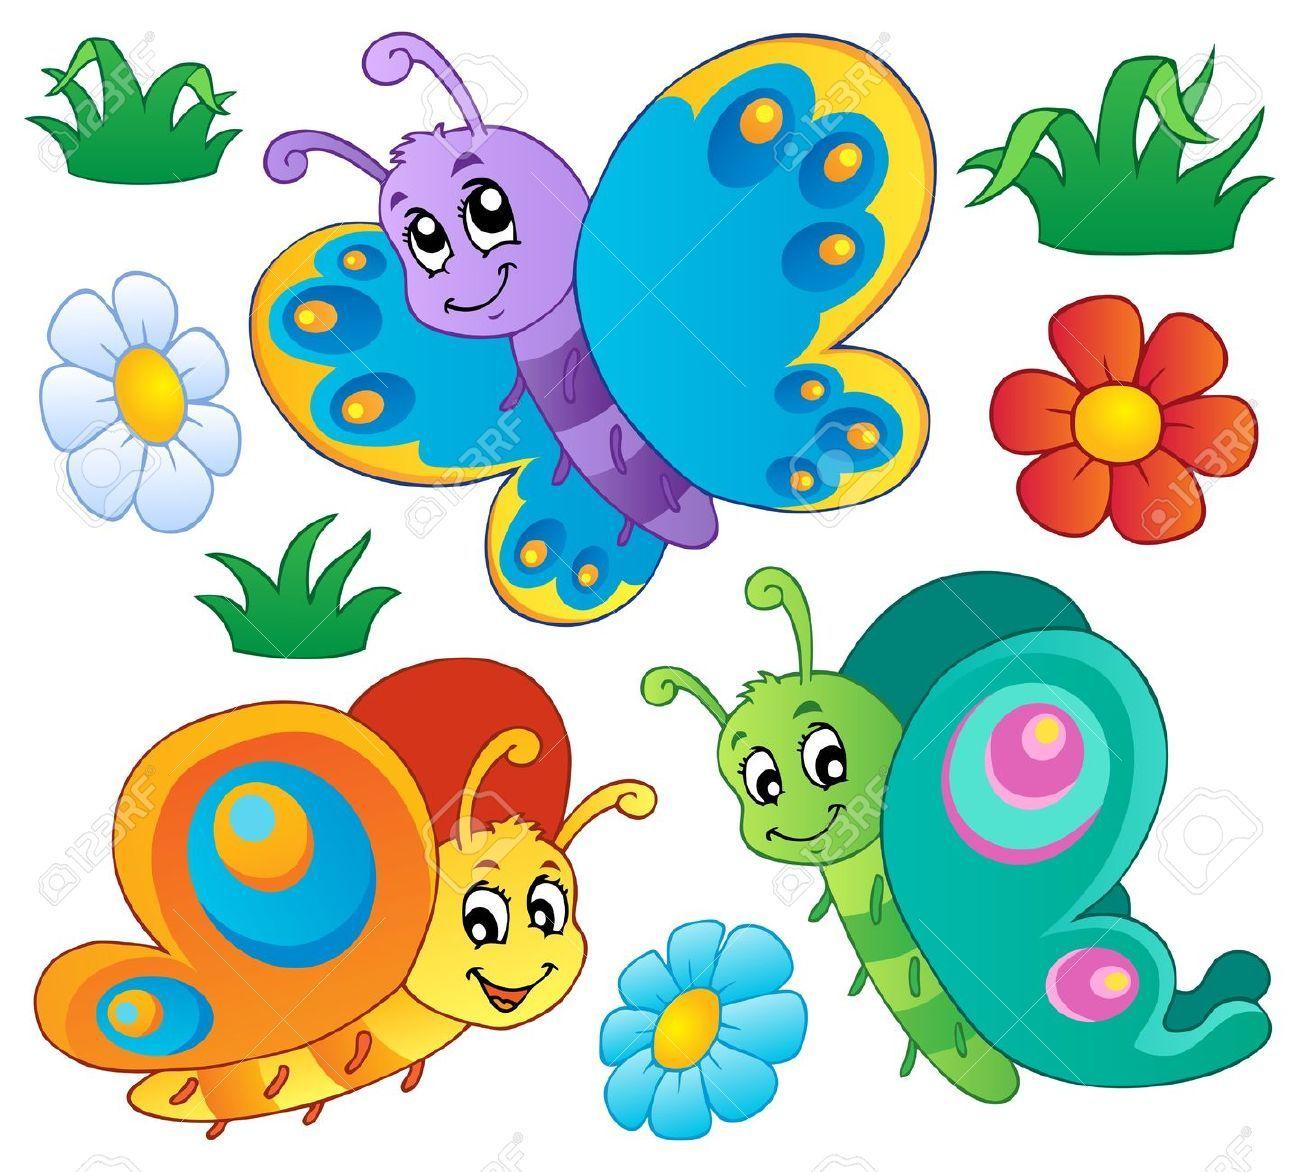 2 clipart butterfly. Butterflies clip art vergilis